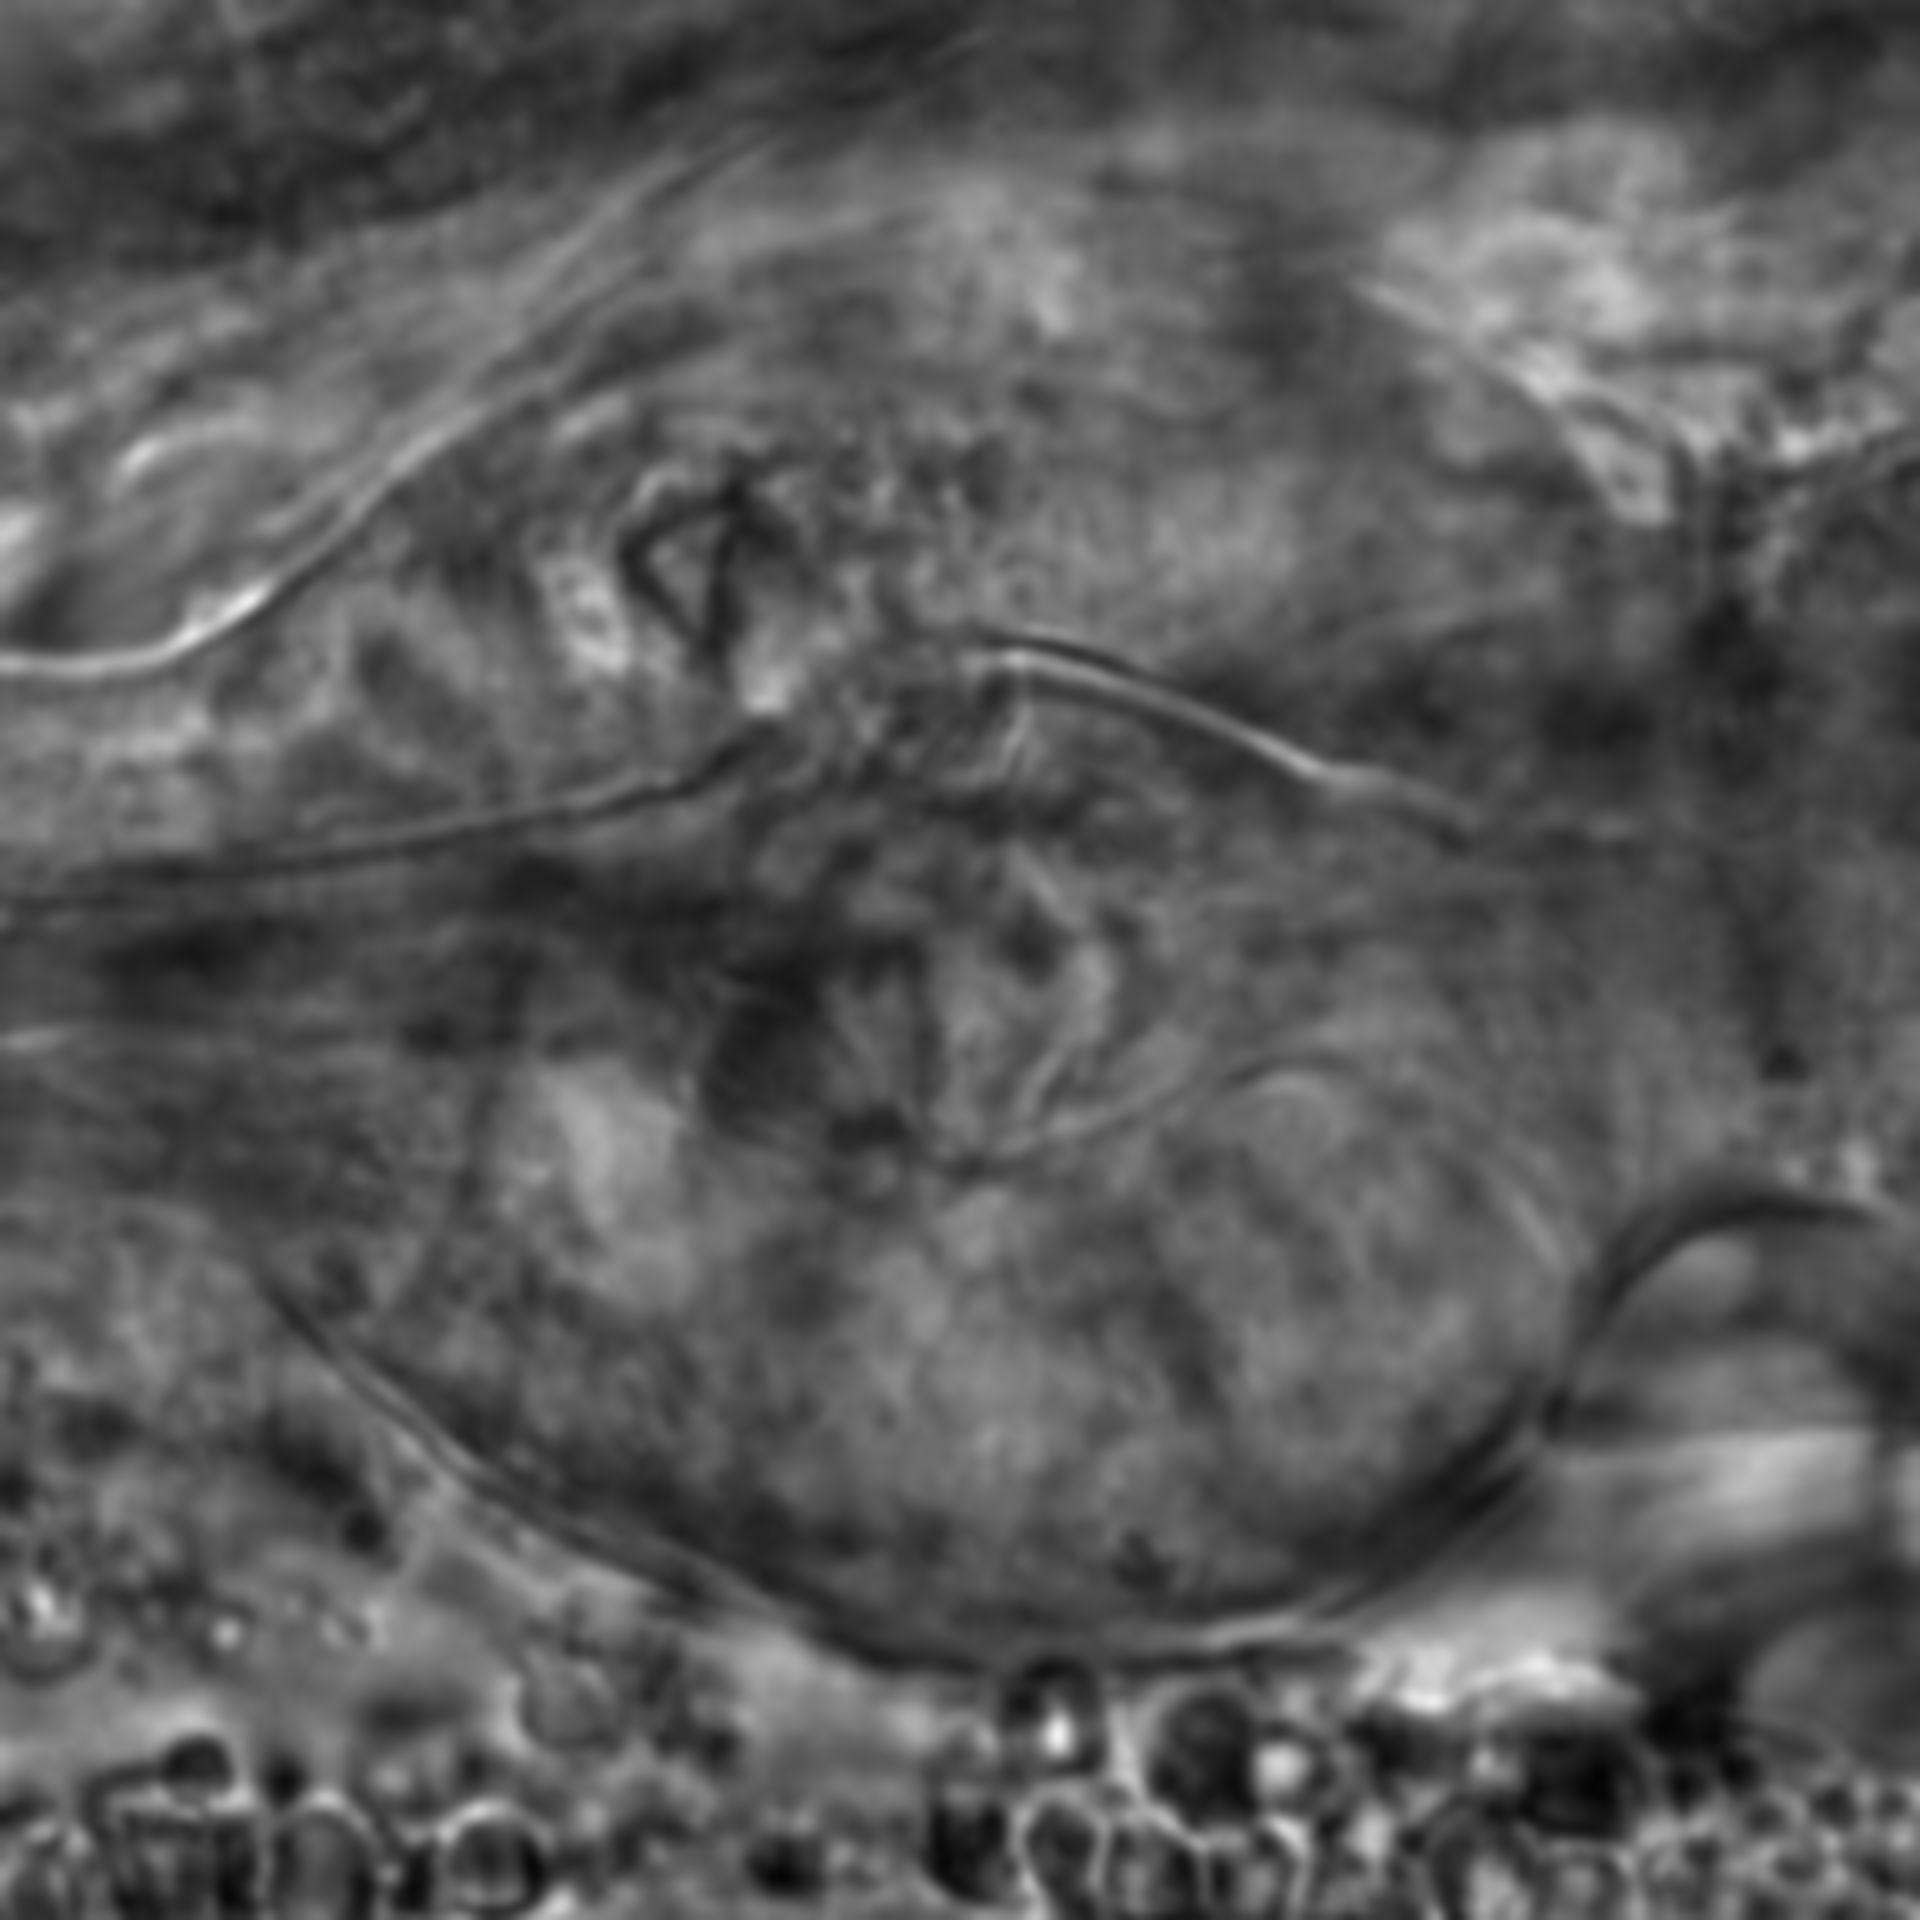 Caenorhabditis elegans - CIL:2267